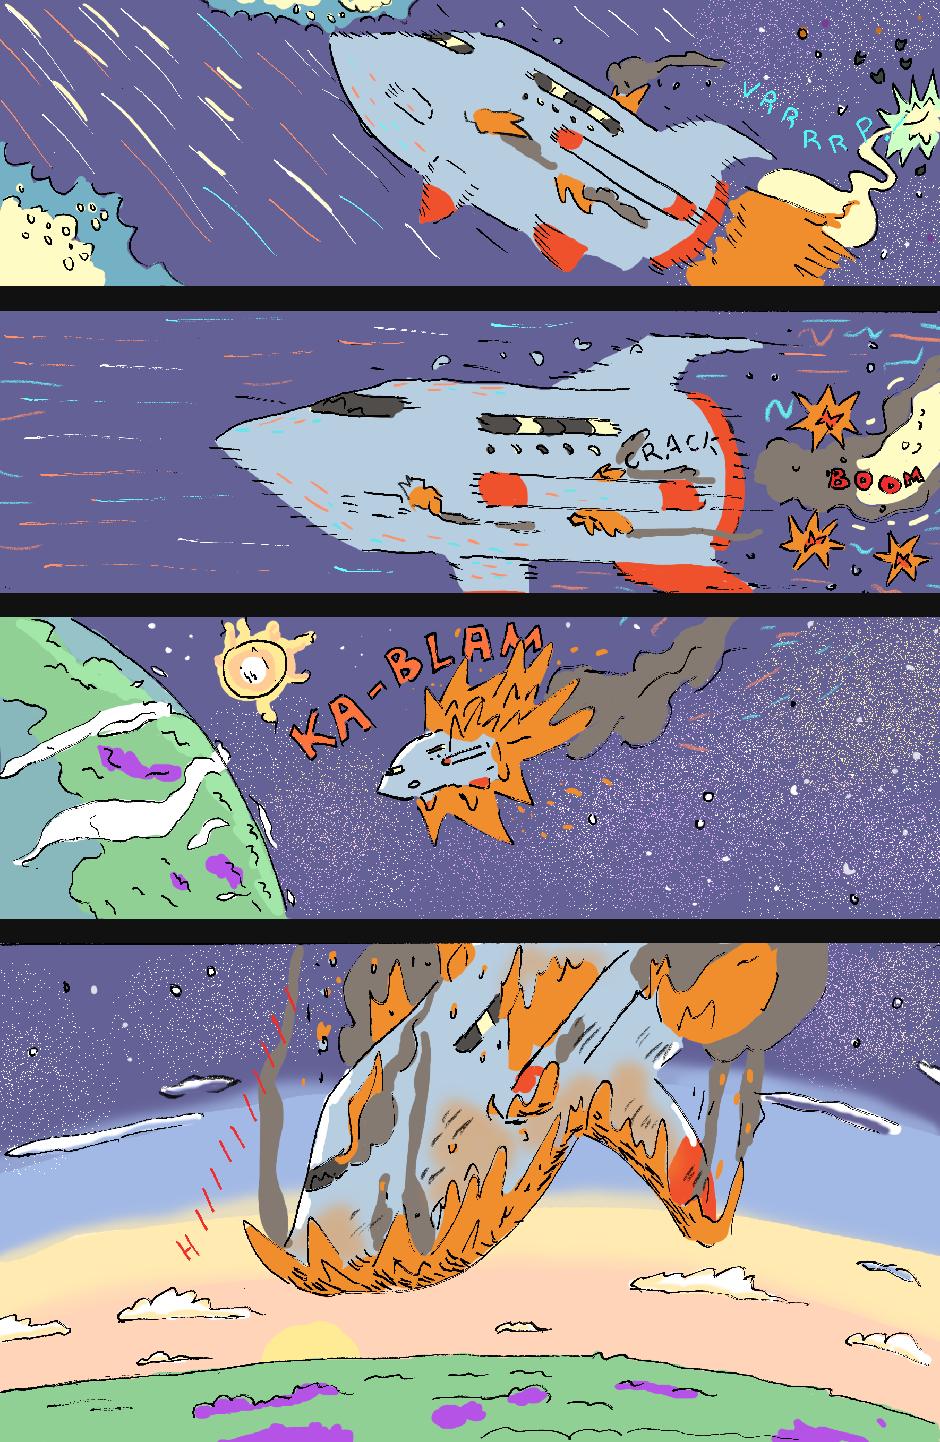 comic page 10tapas.png